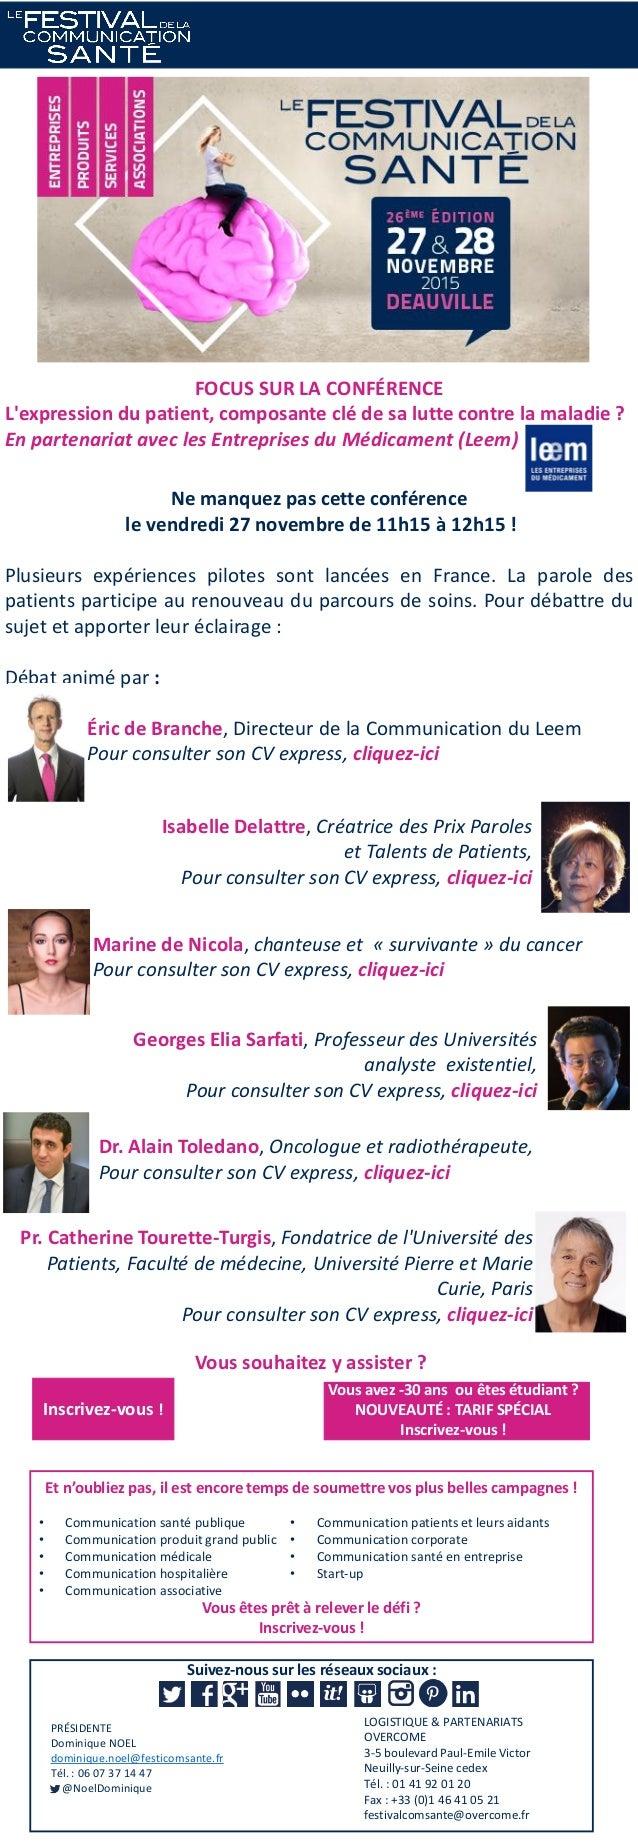 Suivez-nous sur les réseaux sociaux : LOGISTIQUE & PARTENARIATS OVERCOME 3-5 boulevard Paul-Emile Victor Neuilly-sur-Seine...